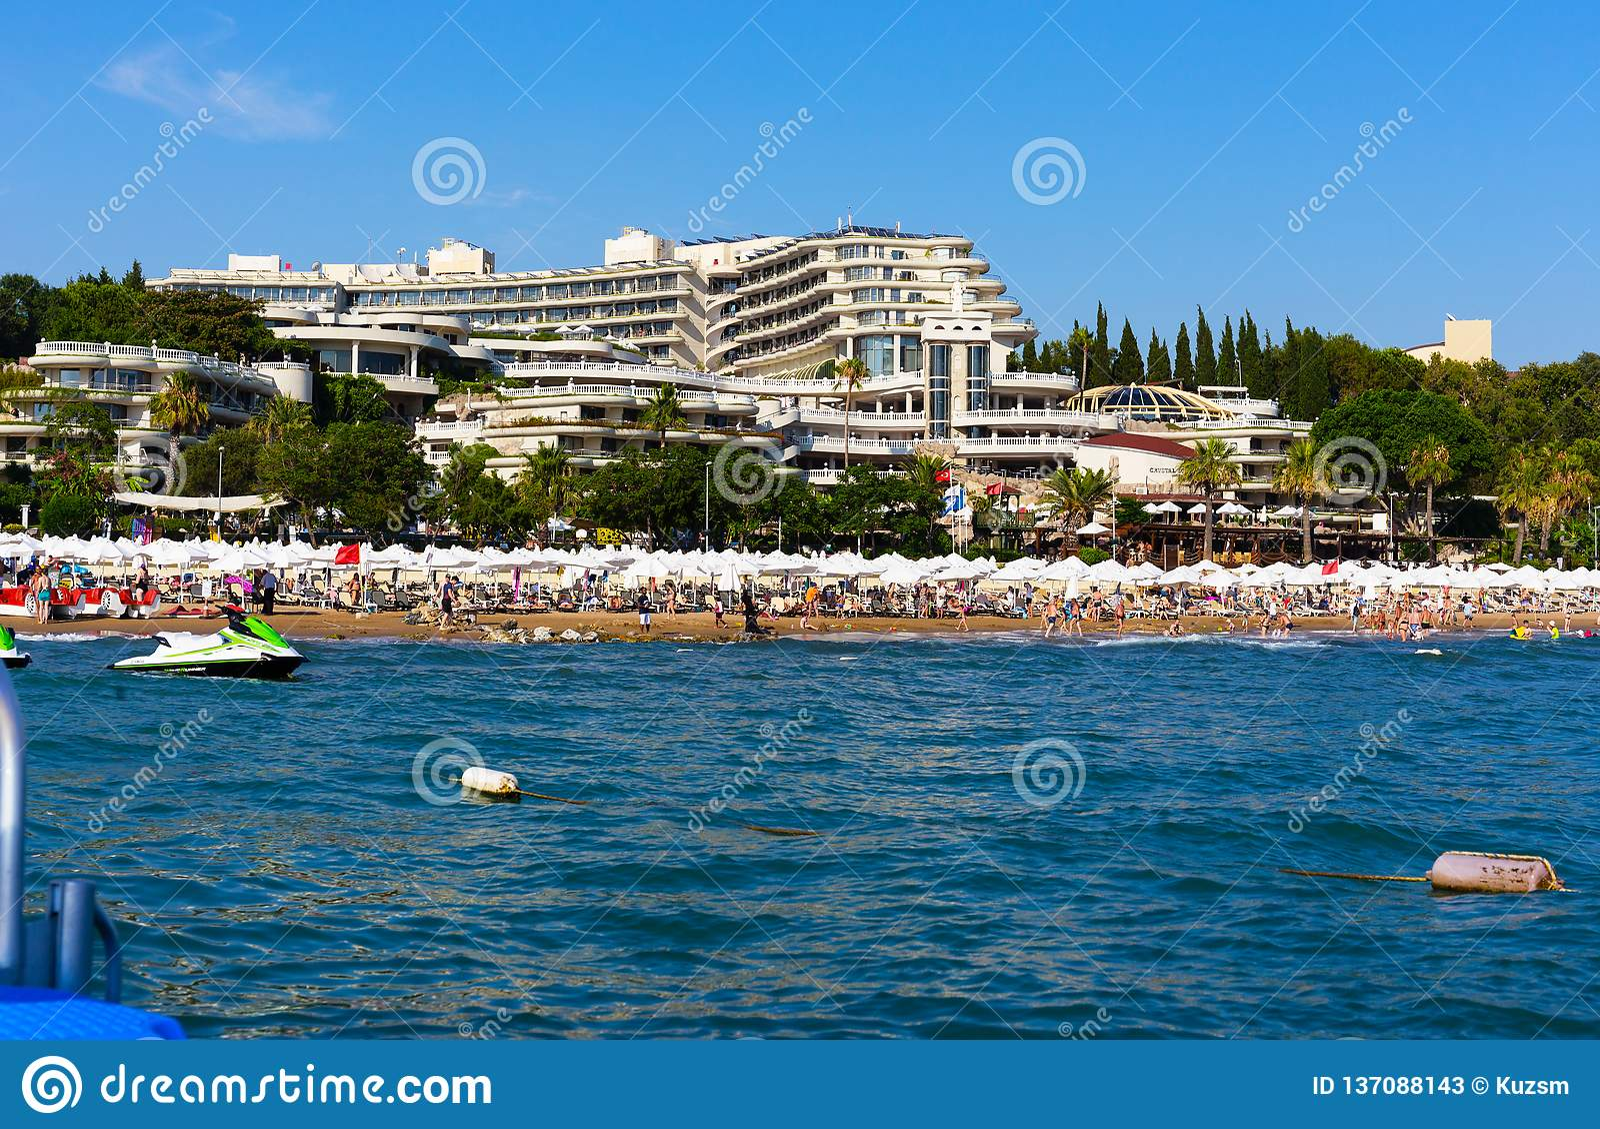 Άποψη από τη θάλασσα στην ανατολή κρυστάλλου ξενοδοχείων βασίλισσα Luxury Resort & SPA κοντά στην πλευρά στην Τουρκία